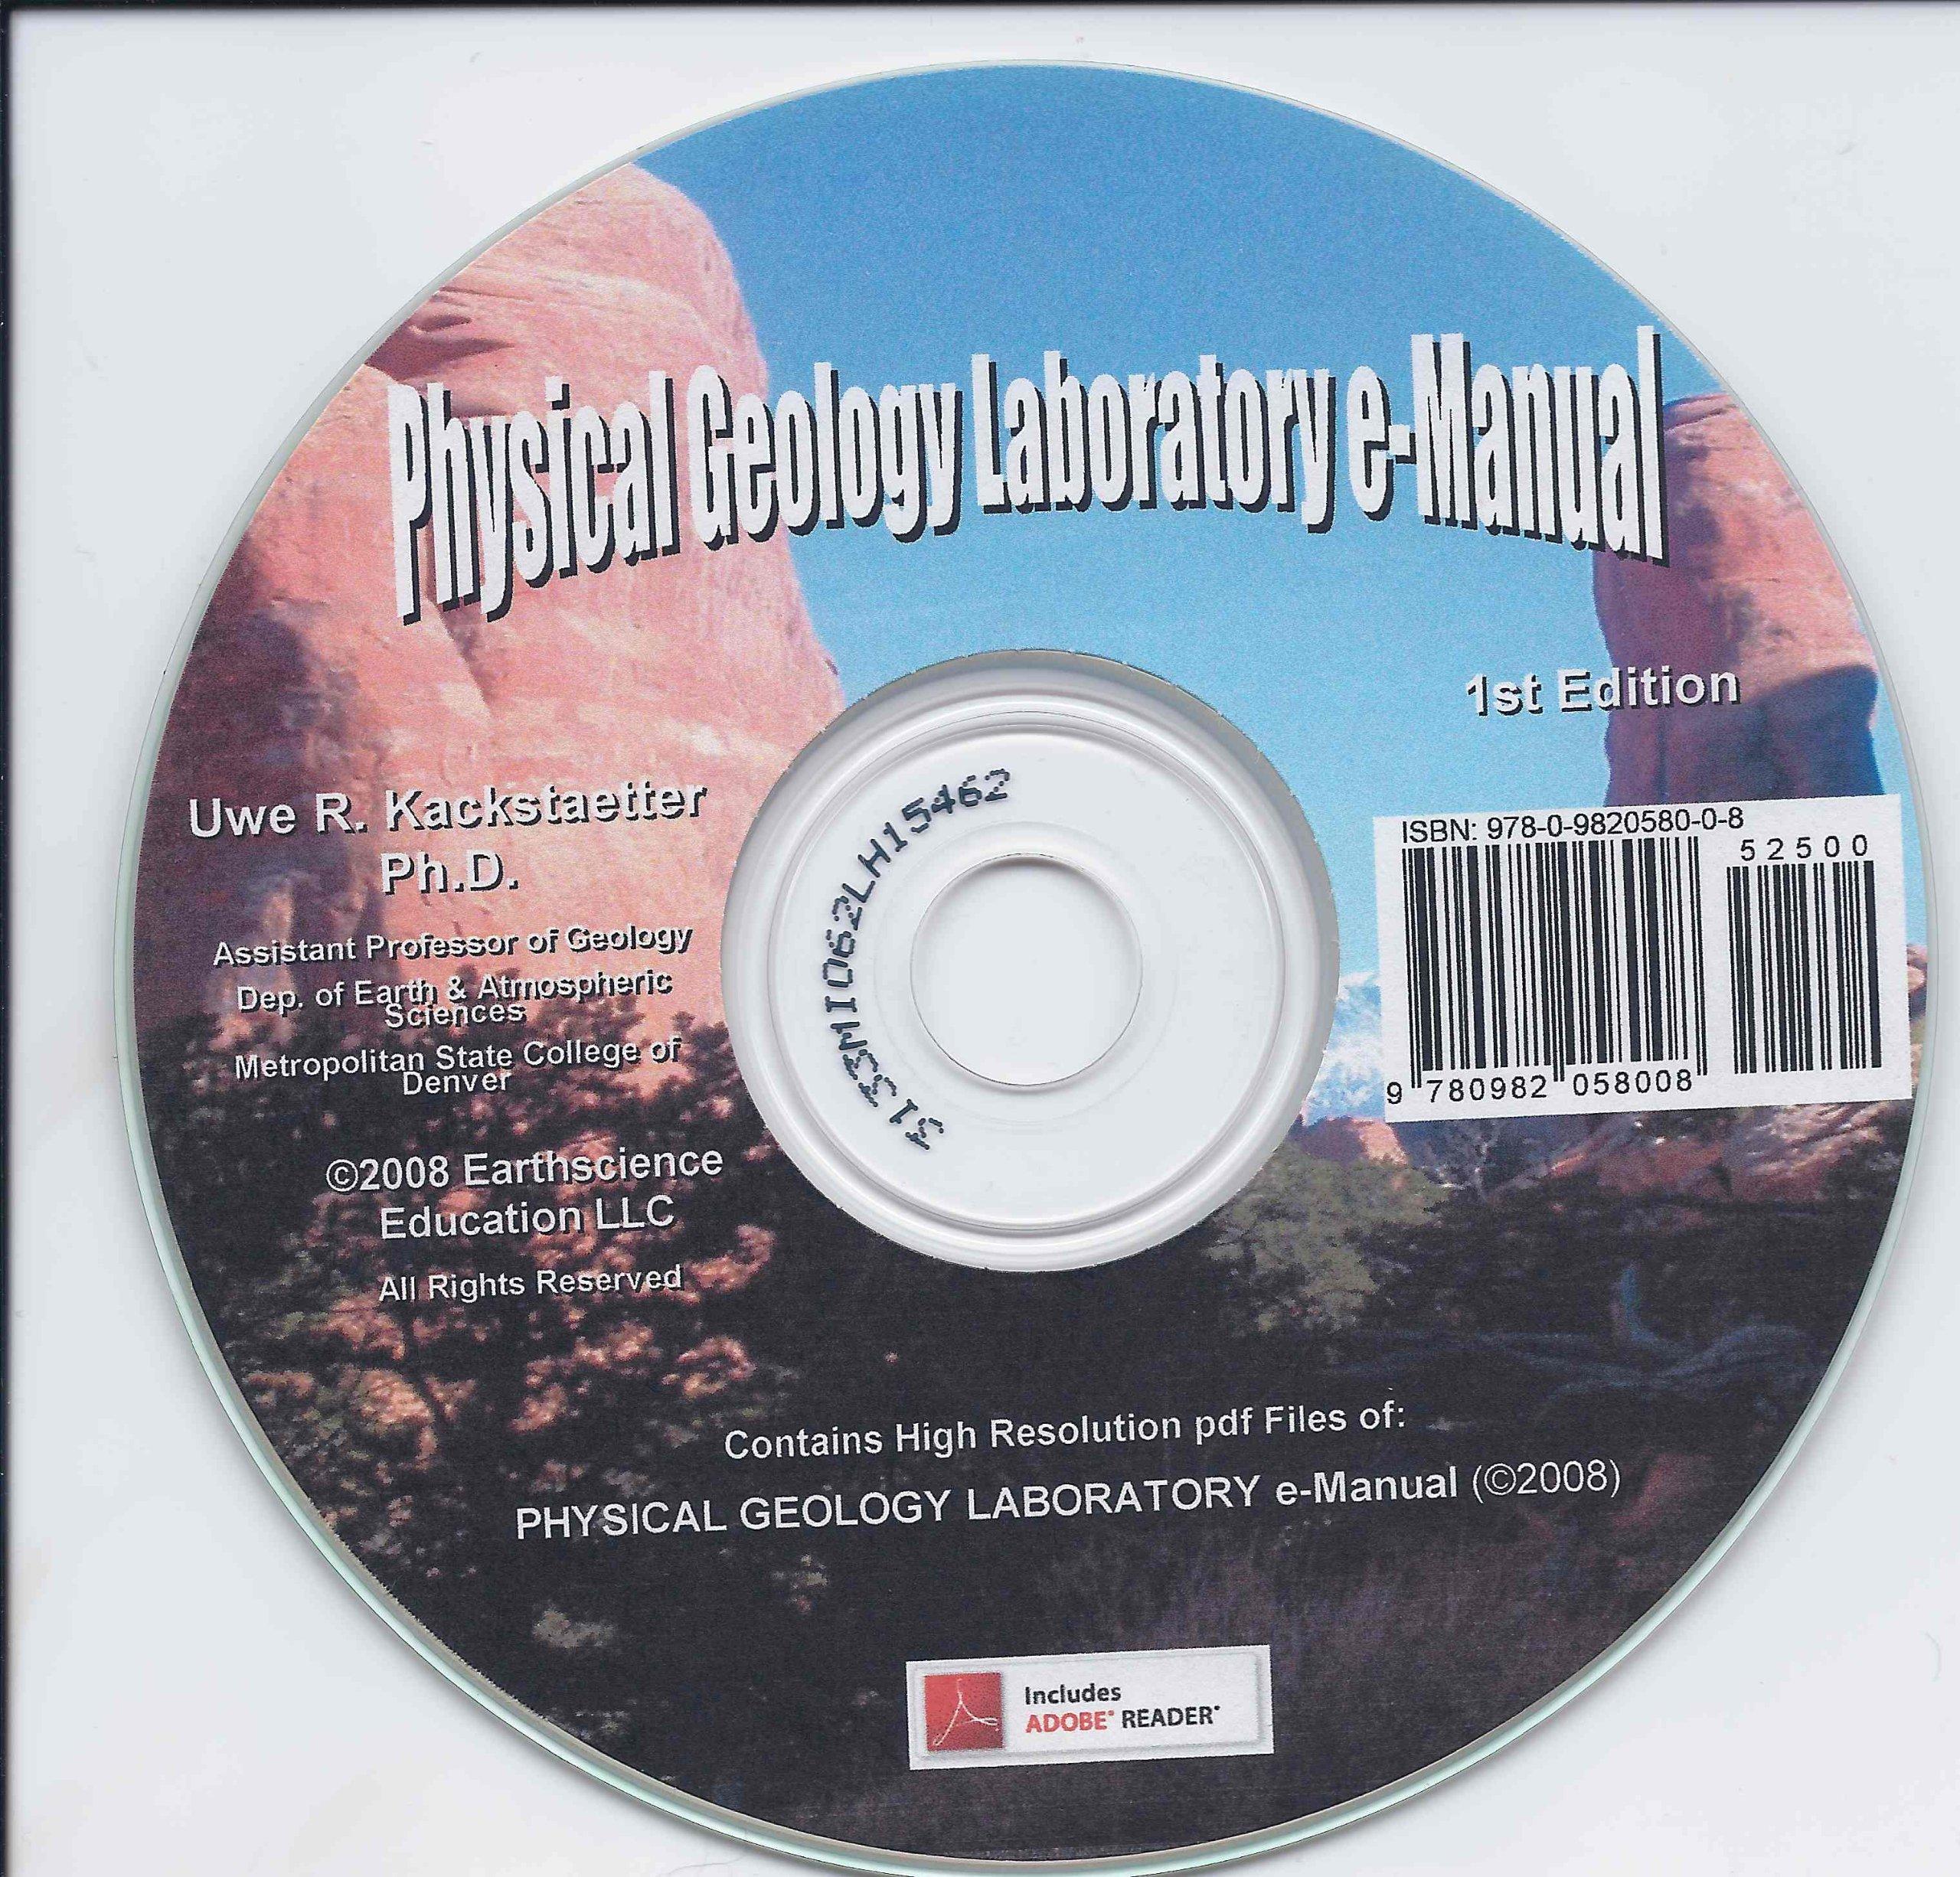 Physical Geology Laboratory e-Manual: Uwe Richard Kackstaetter, Ph.D., Uwe  Kackstaetter: 9780982058008: Amazon.com: Books